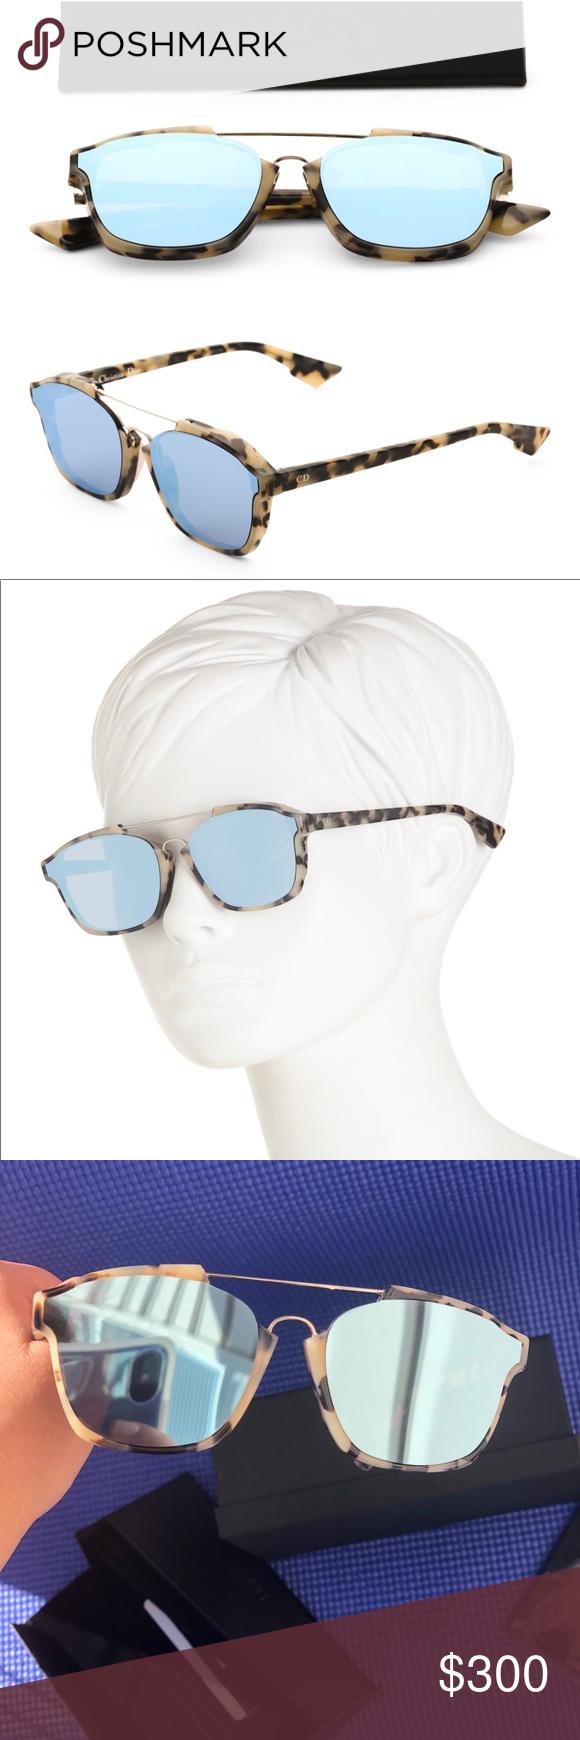 067249e5c4152 Dior Abstract Blue Mirrored Sunglasses A4E A4 58 Brand new 100% Authentic  100% Dior